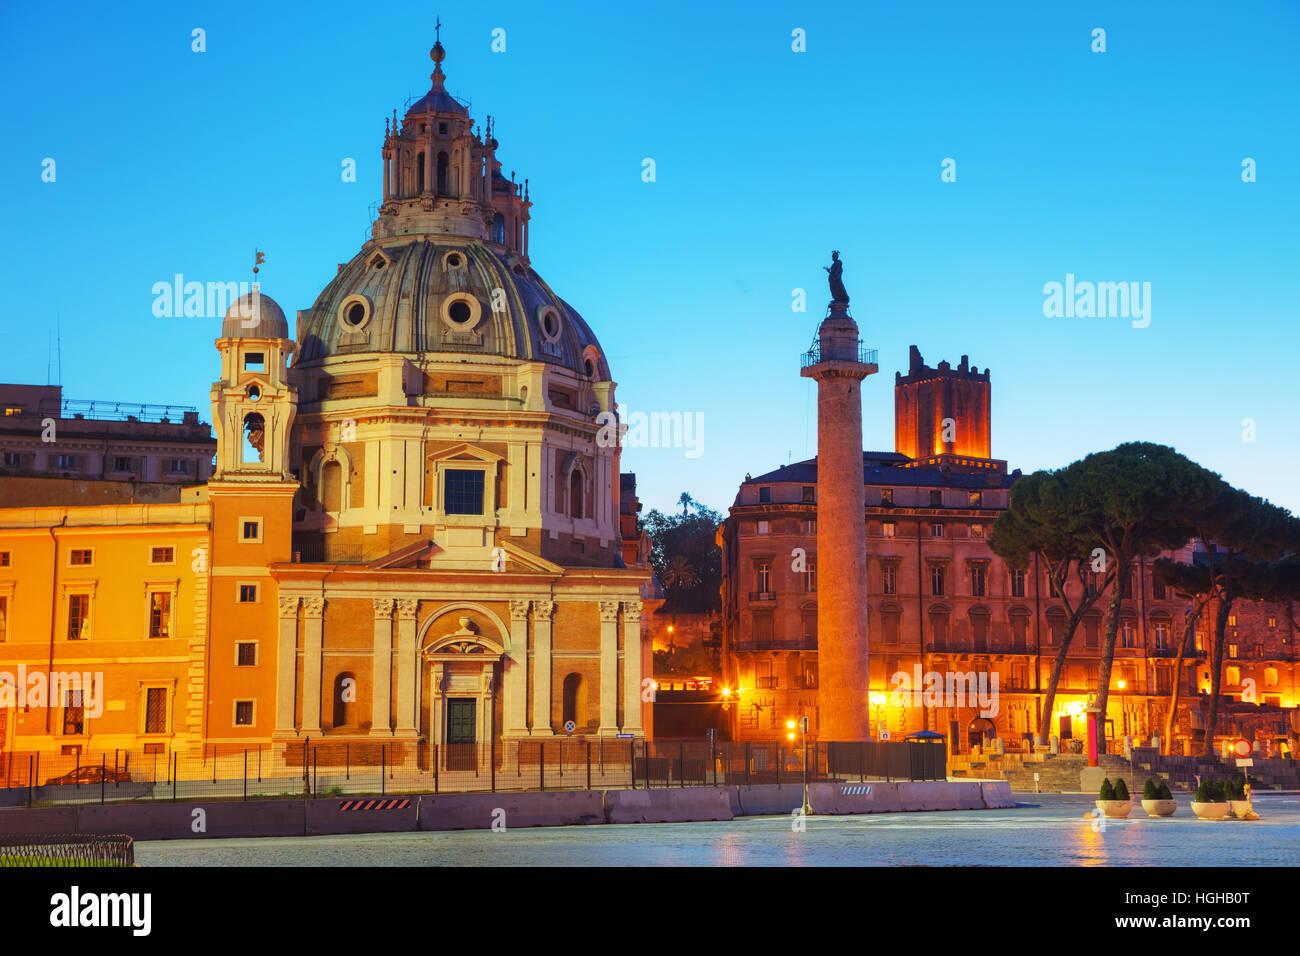 Santa Maria di Loreto church and Colonna Traiana in Rome, Italy Stock Photo